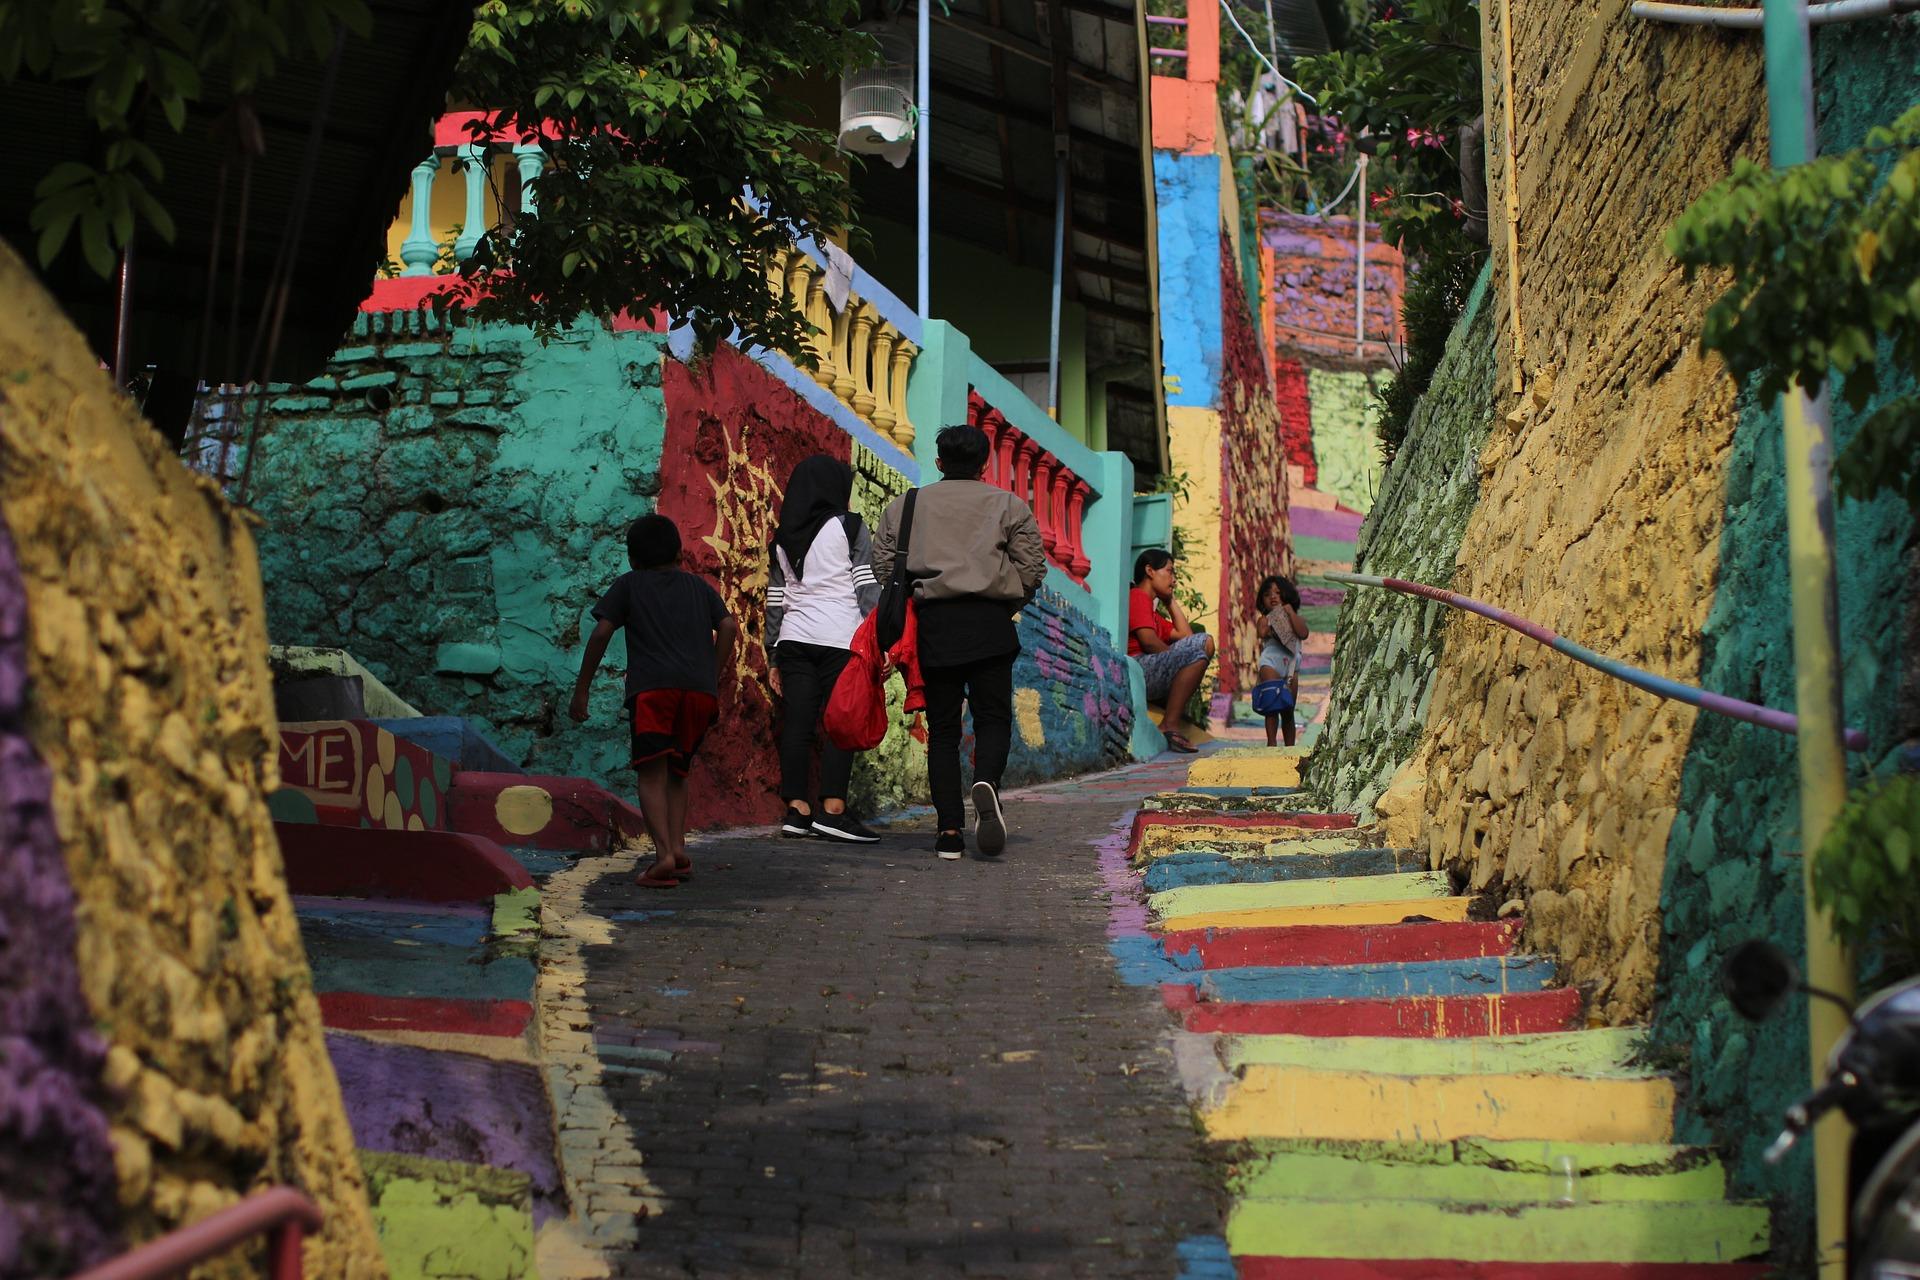 rainbow-village-3526350_1920-1